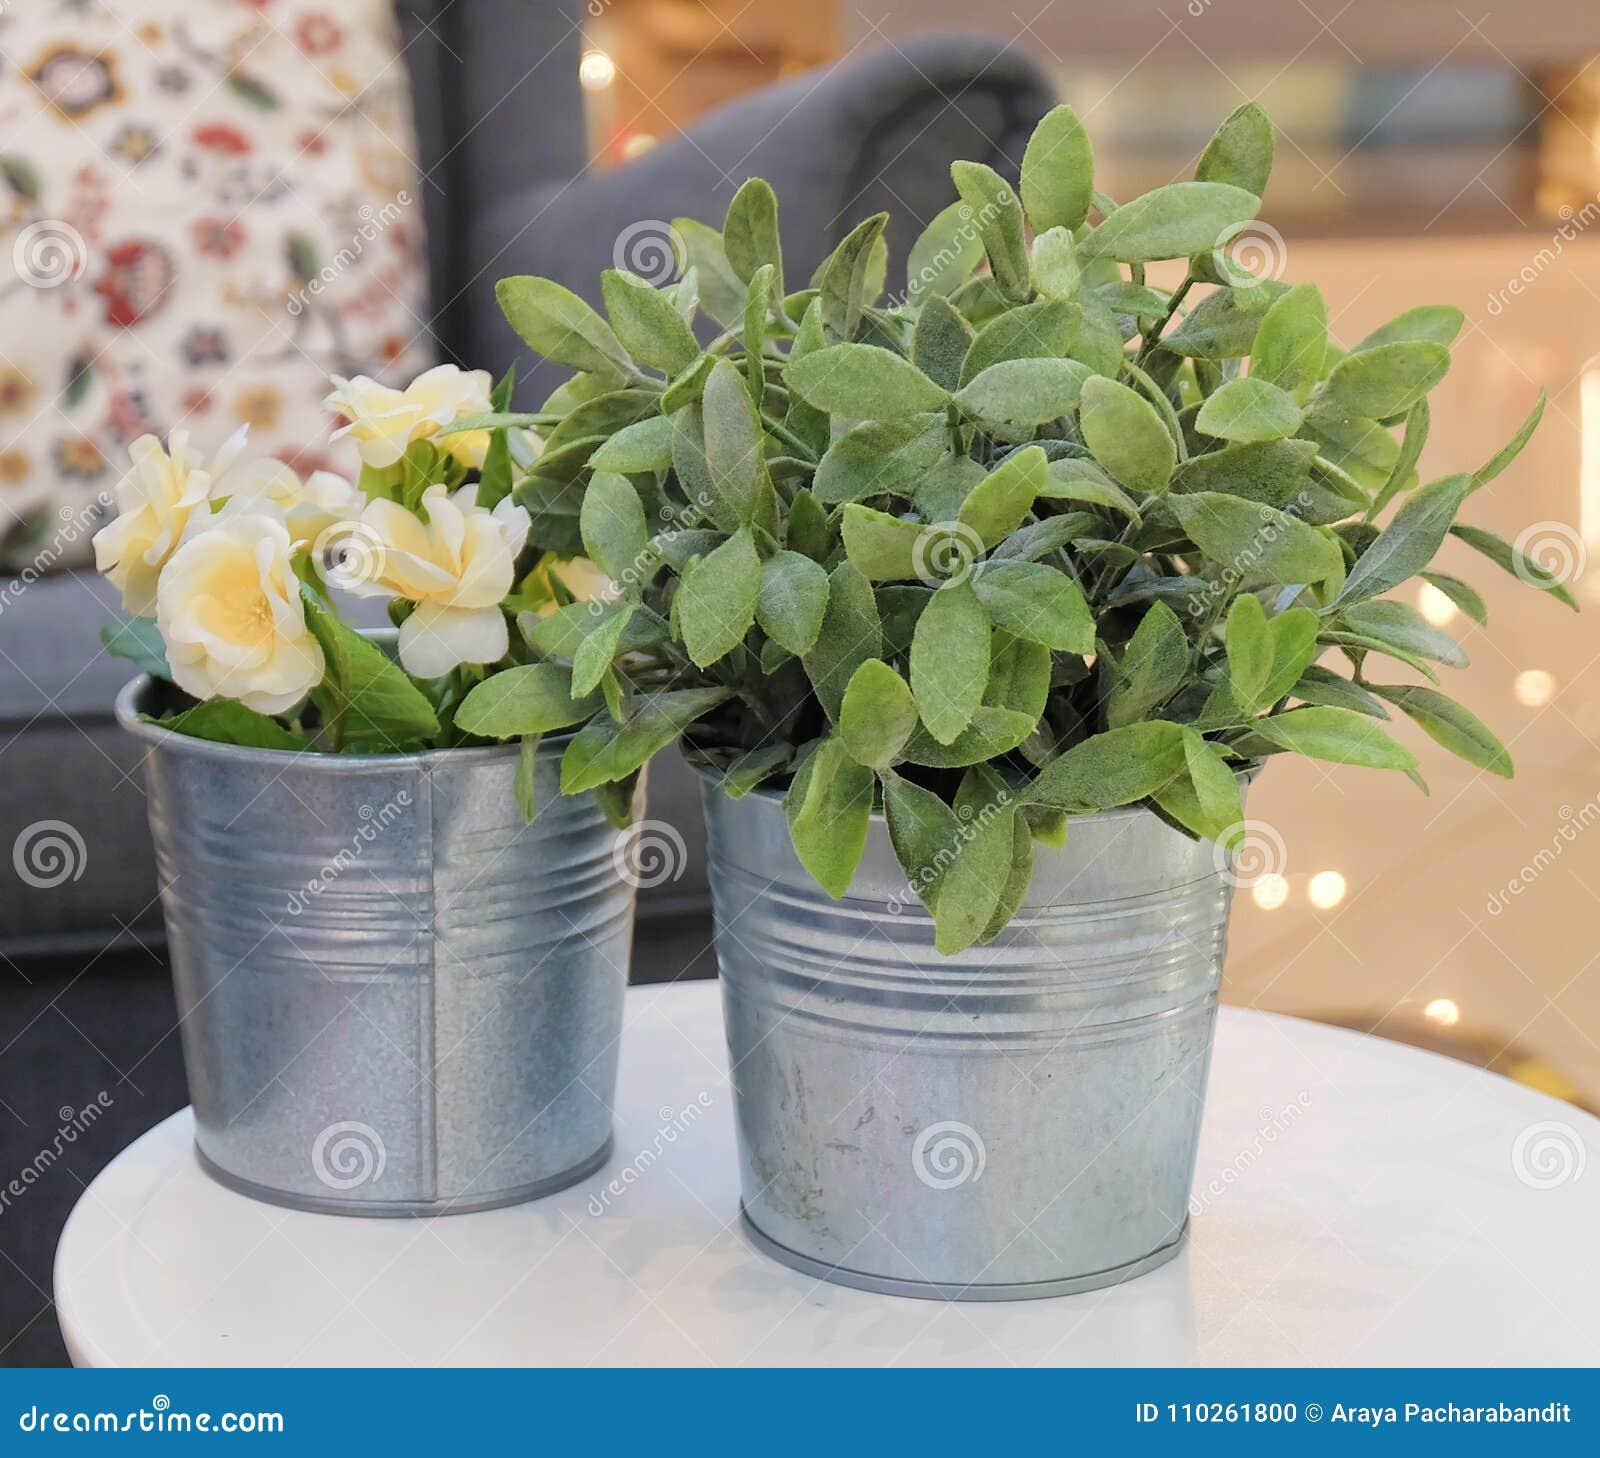 Künstliche Rosen und Grünpflanzen in den Metalltöpfen